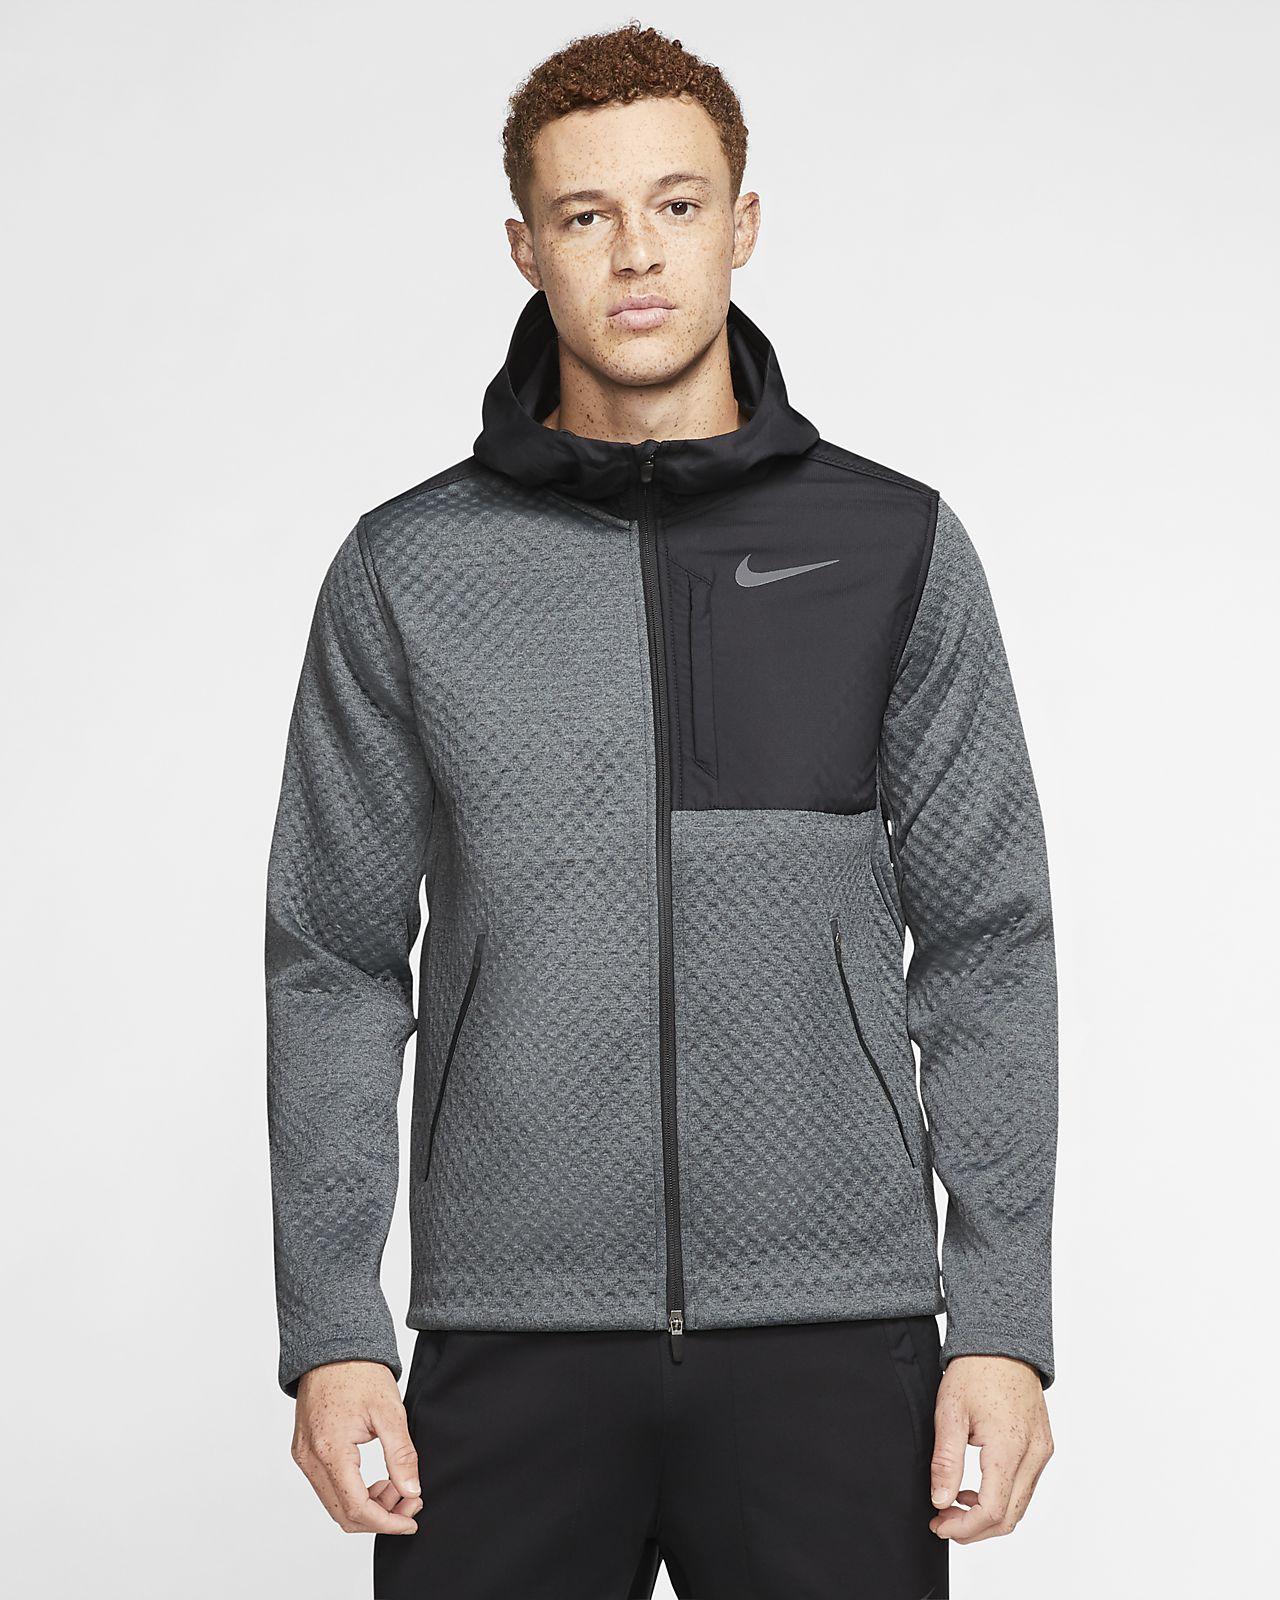 Nike Therma Chaqueta de entrenamiento con capucha y cremallera completa - Hombre